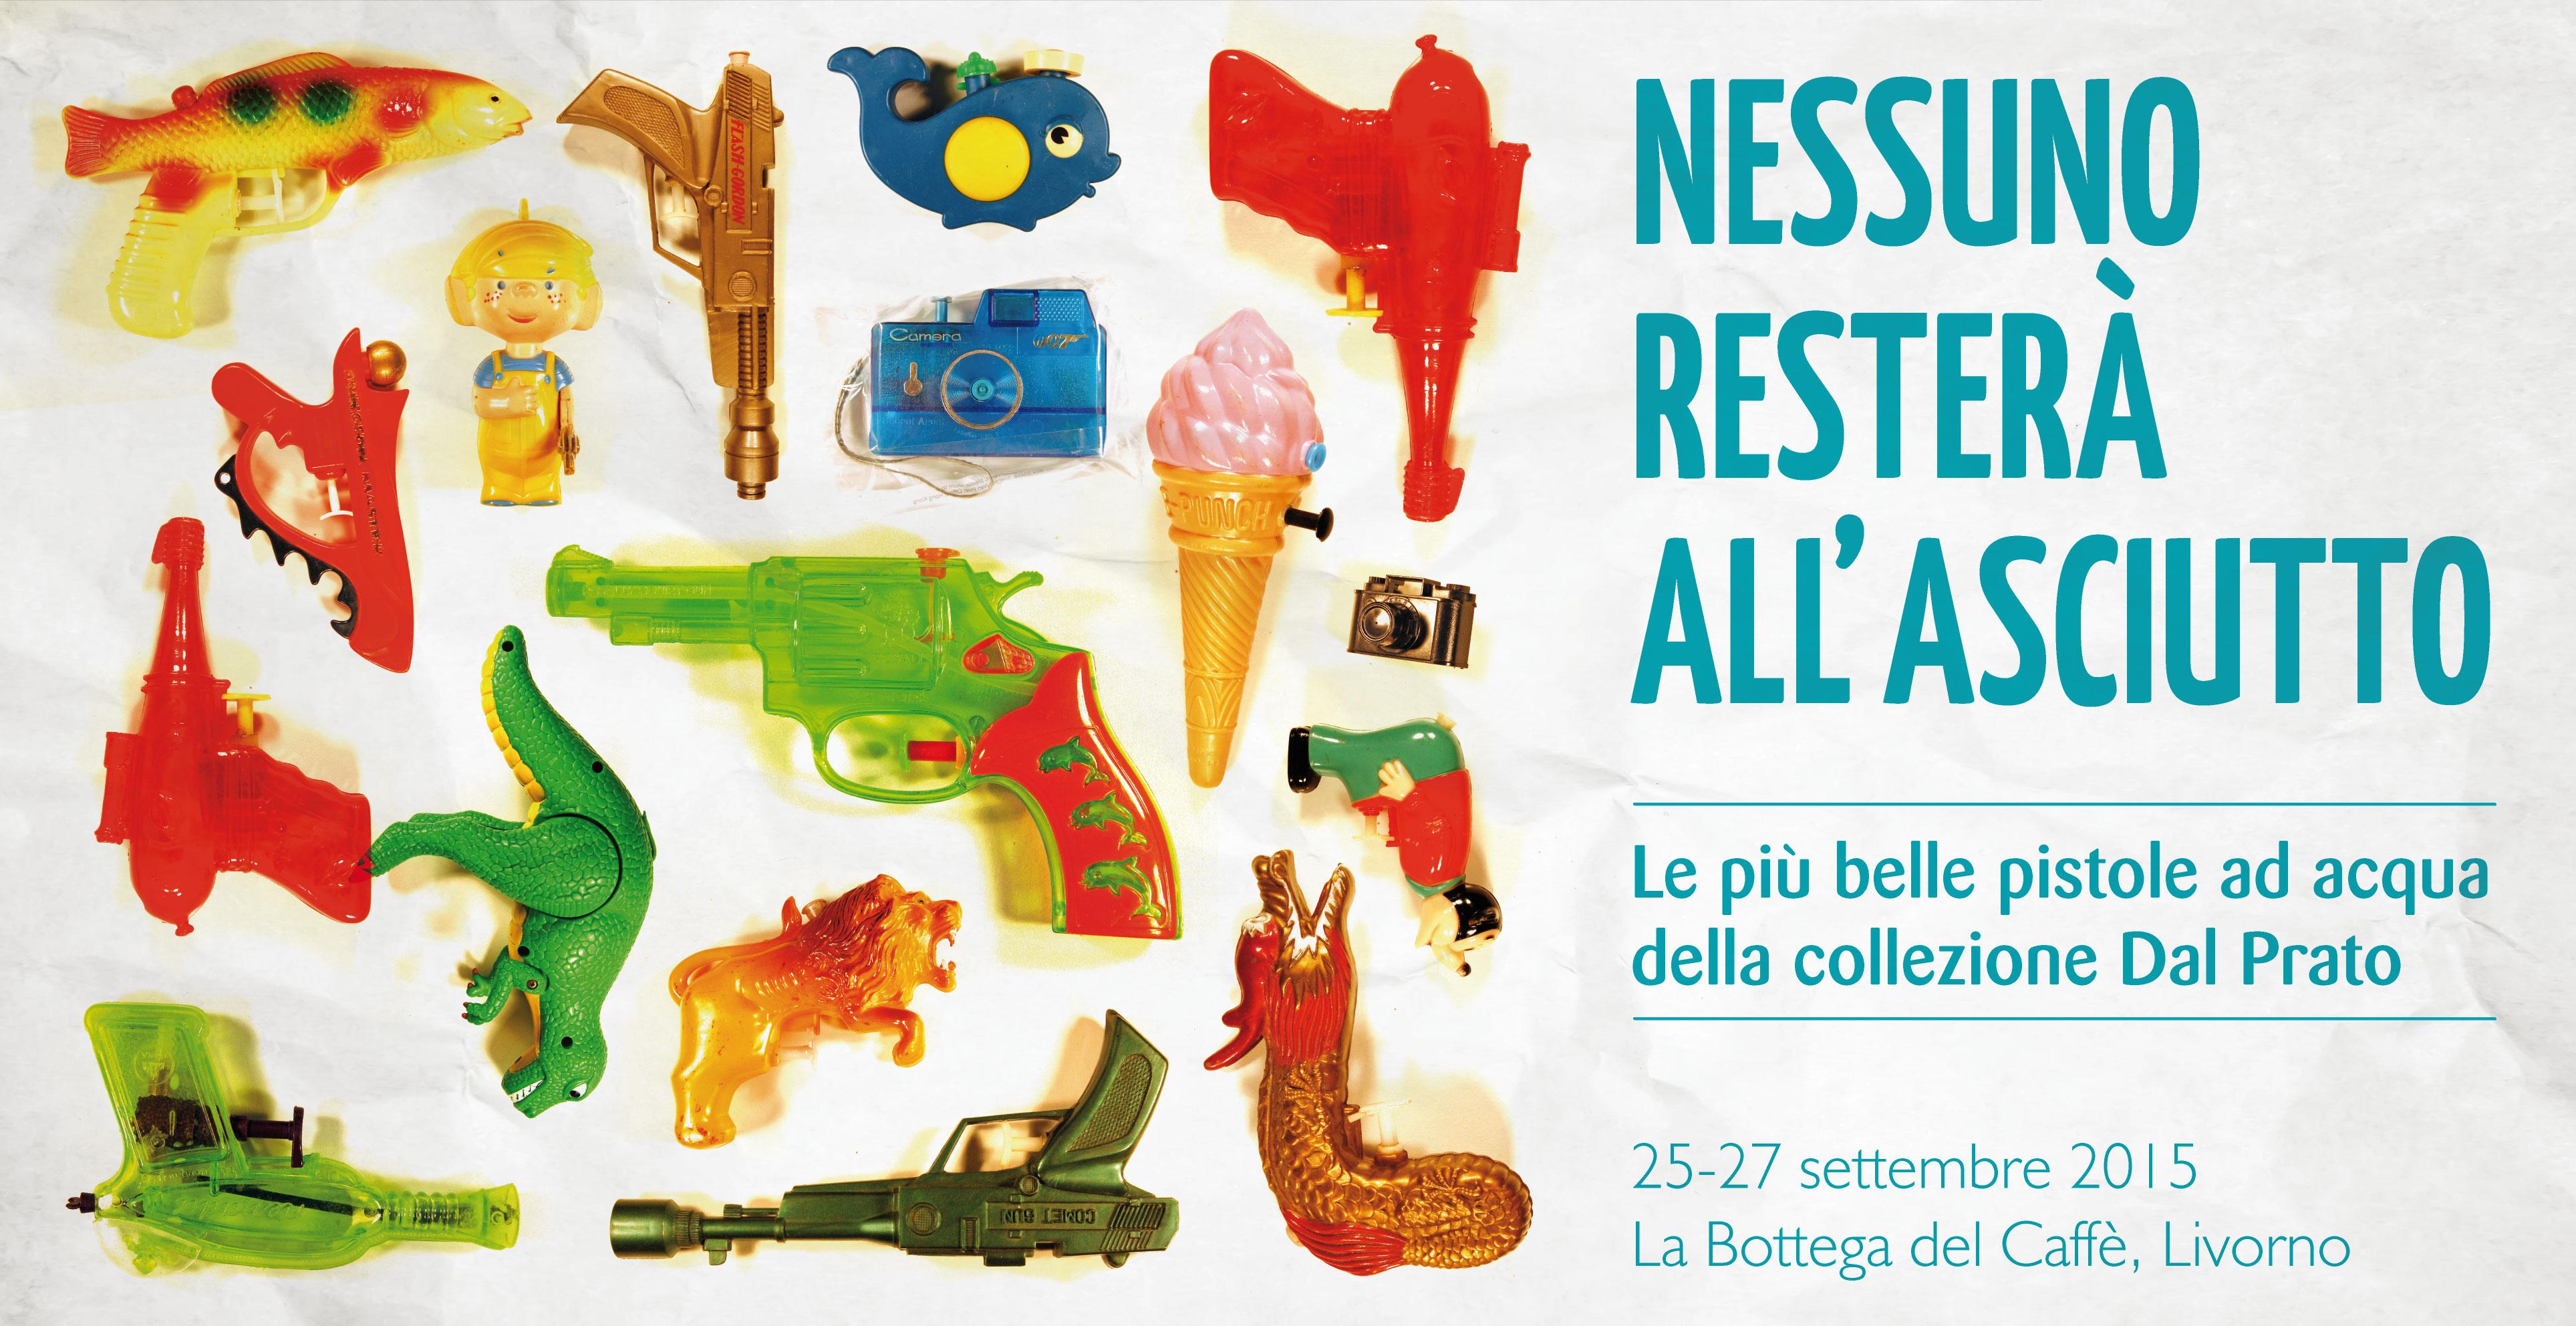 nessuno_resterà_all_asciutto_poster